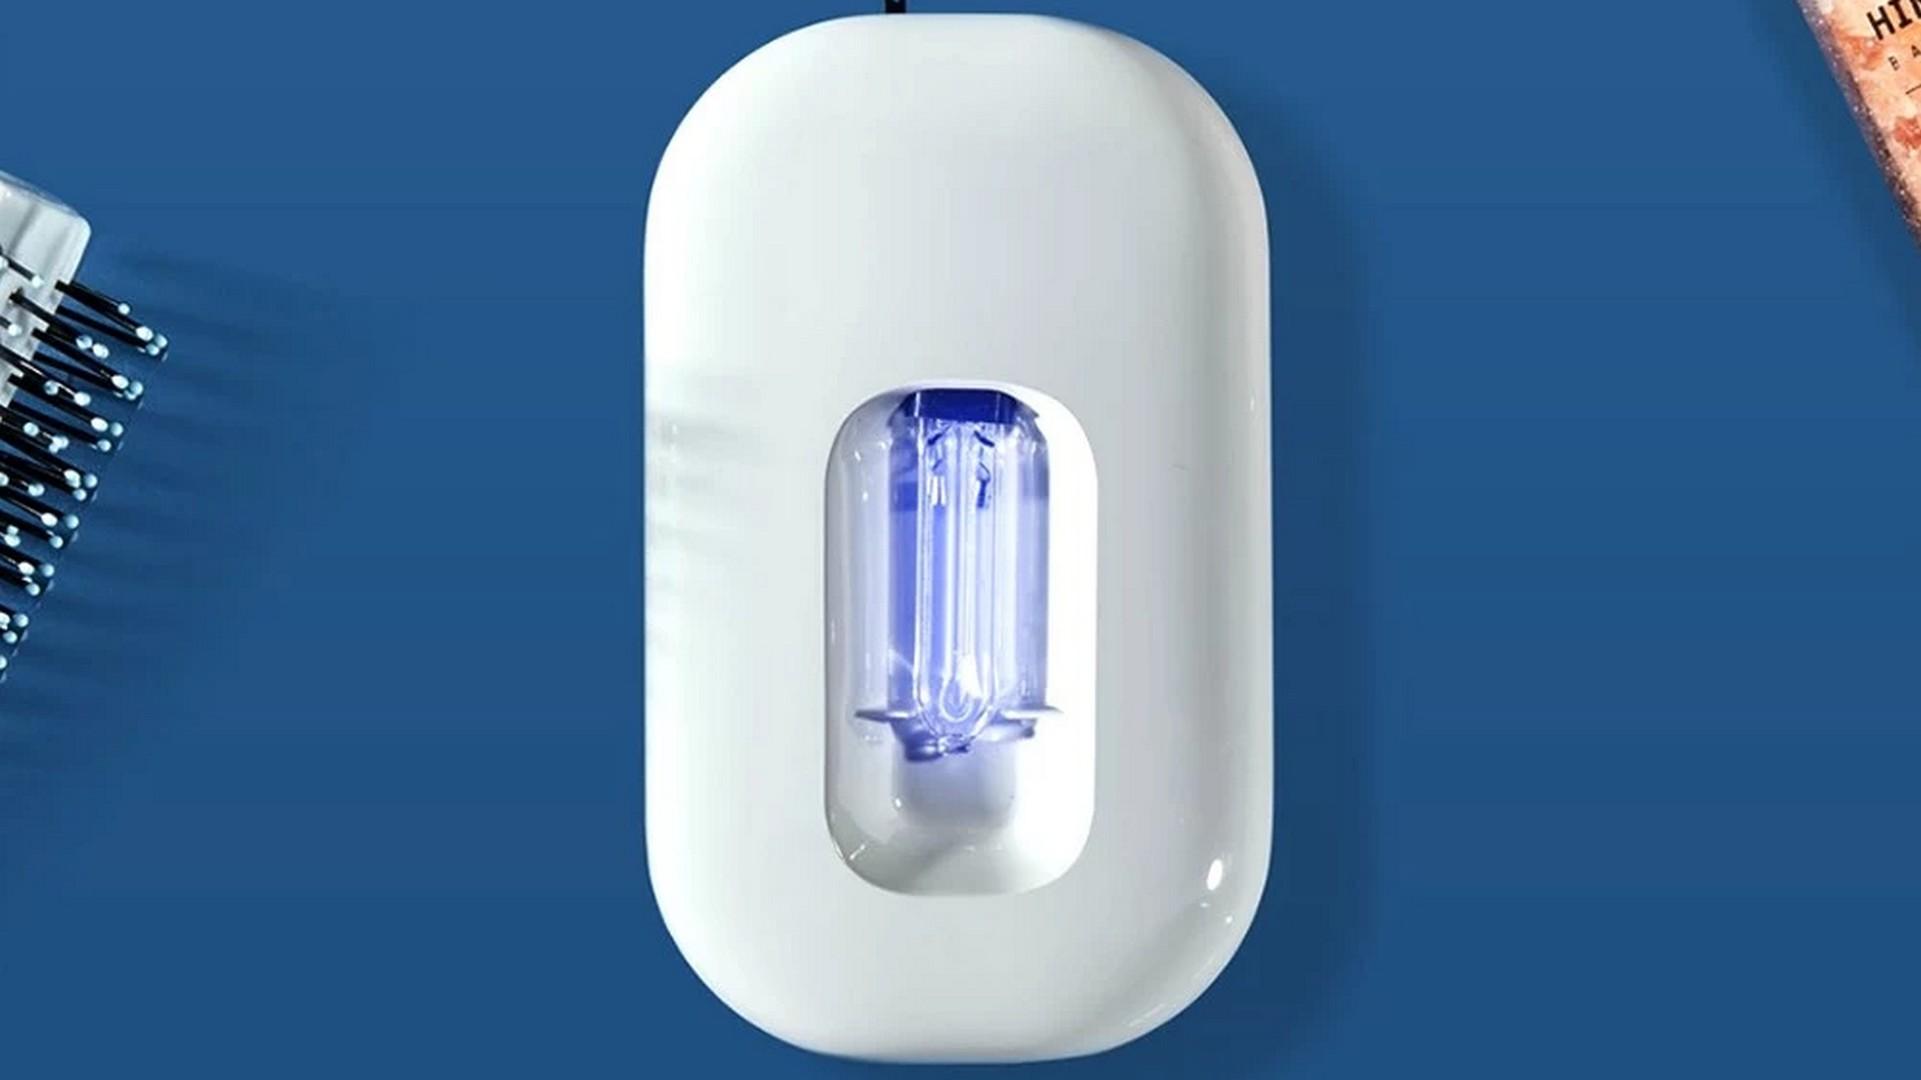 Xiaomi Xiaoda sterilizzatore UV deodorante WC – Cafago